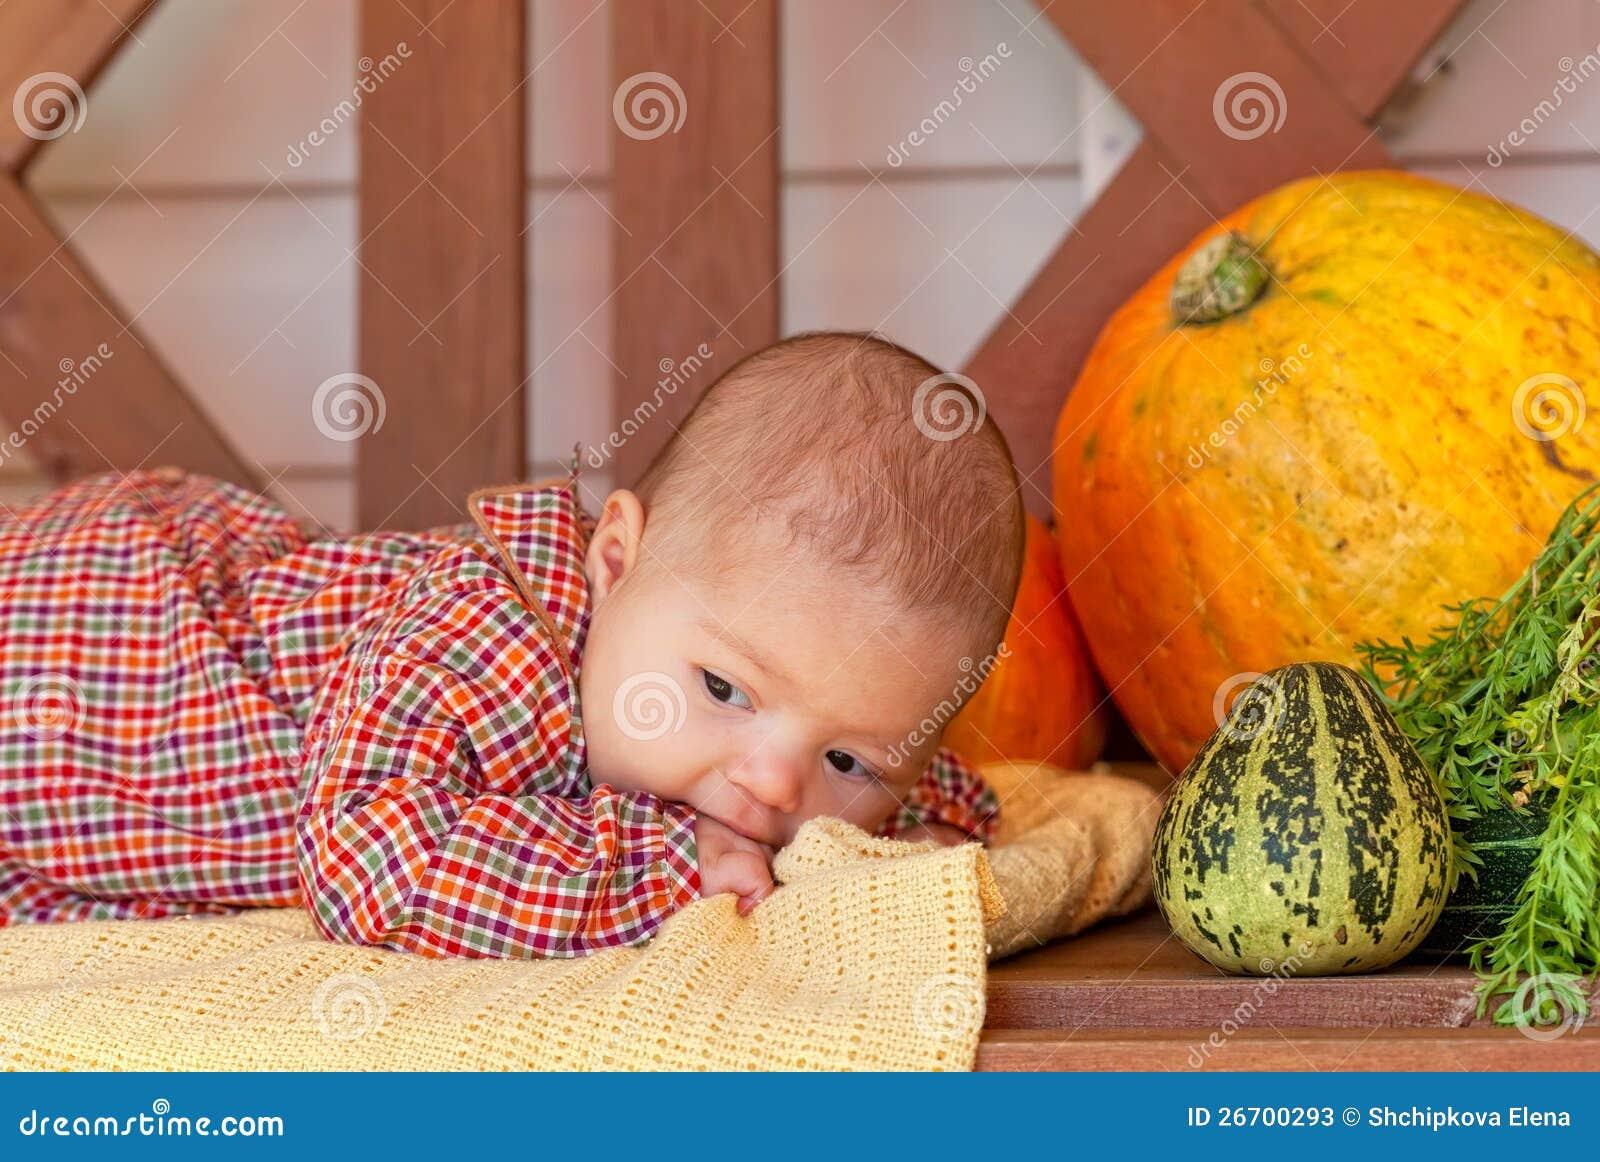 Behandla som ett barn lays på en träbänk